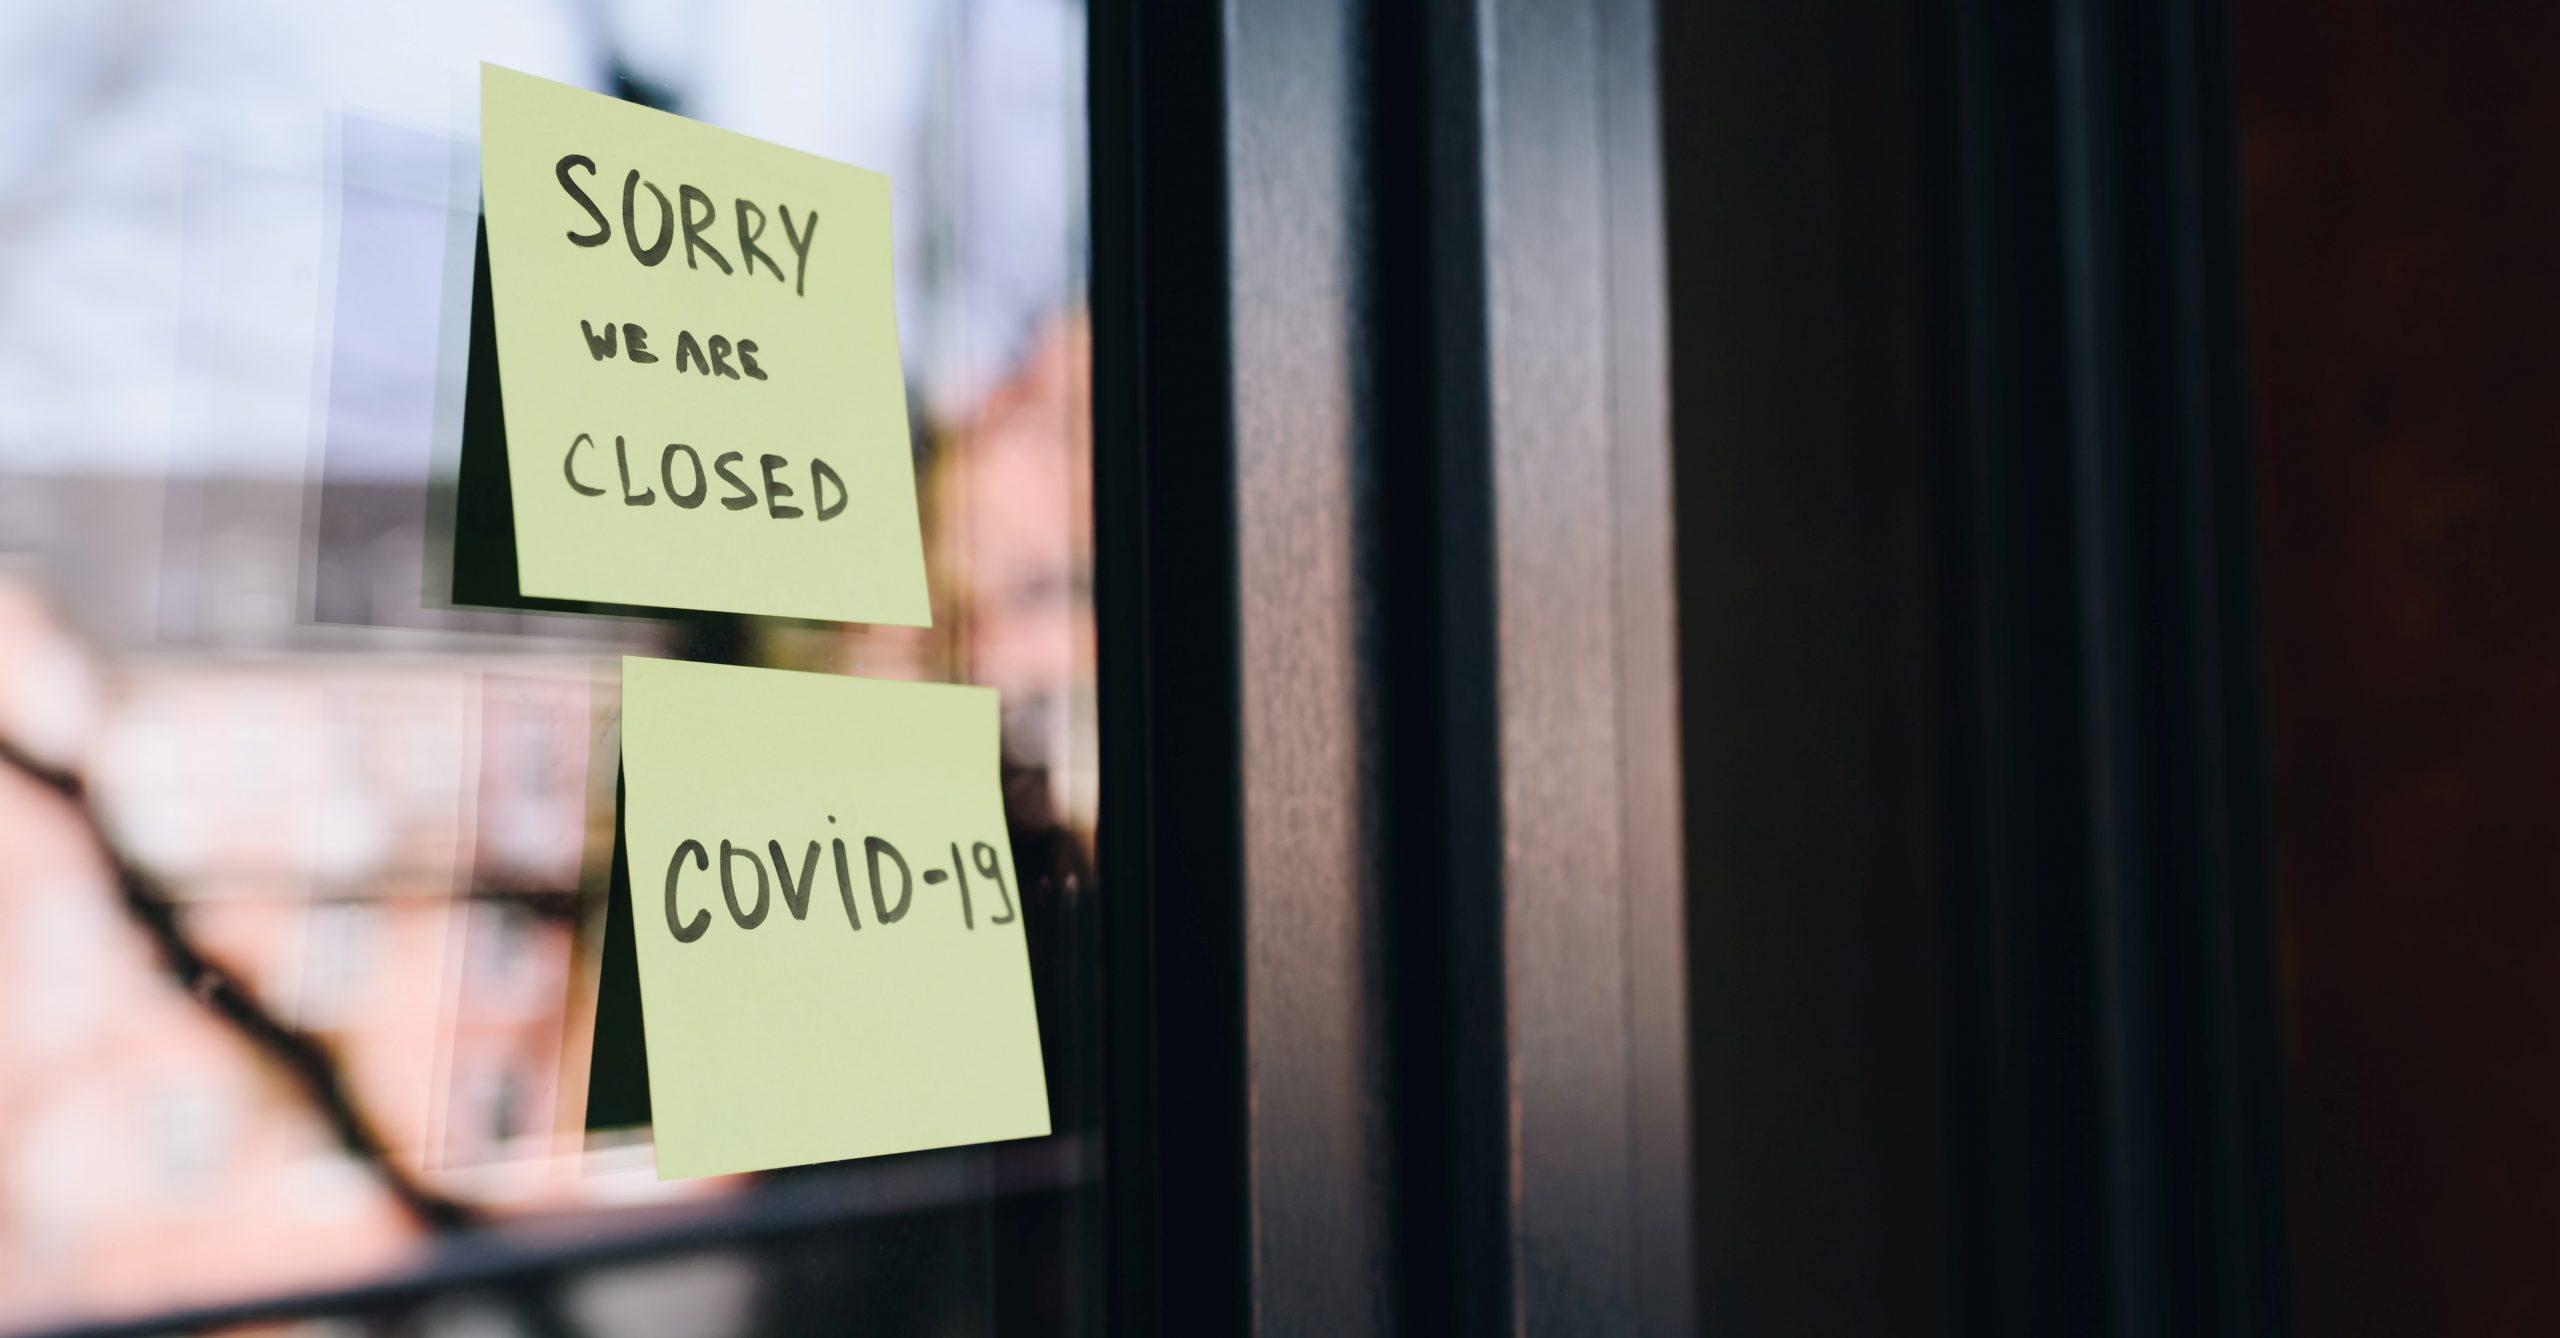 shop closed Covid19